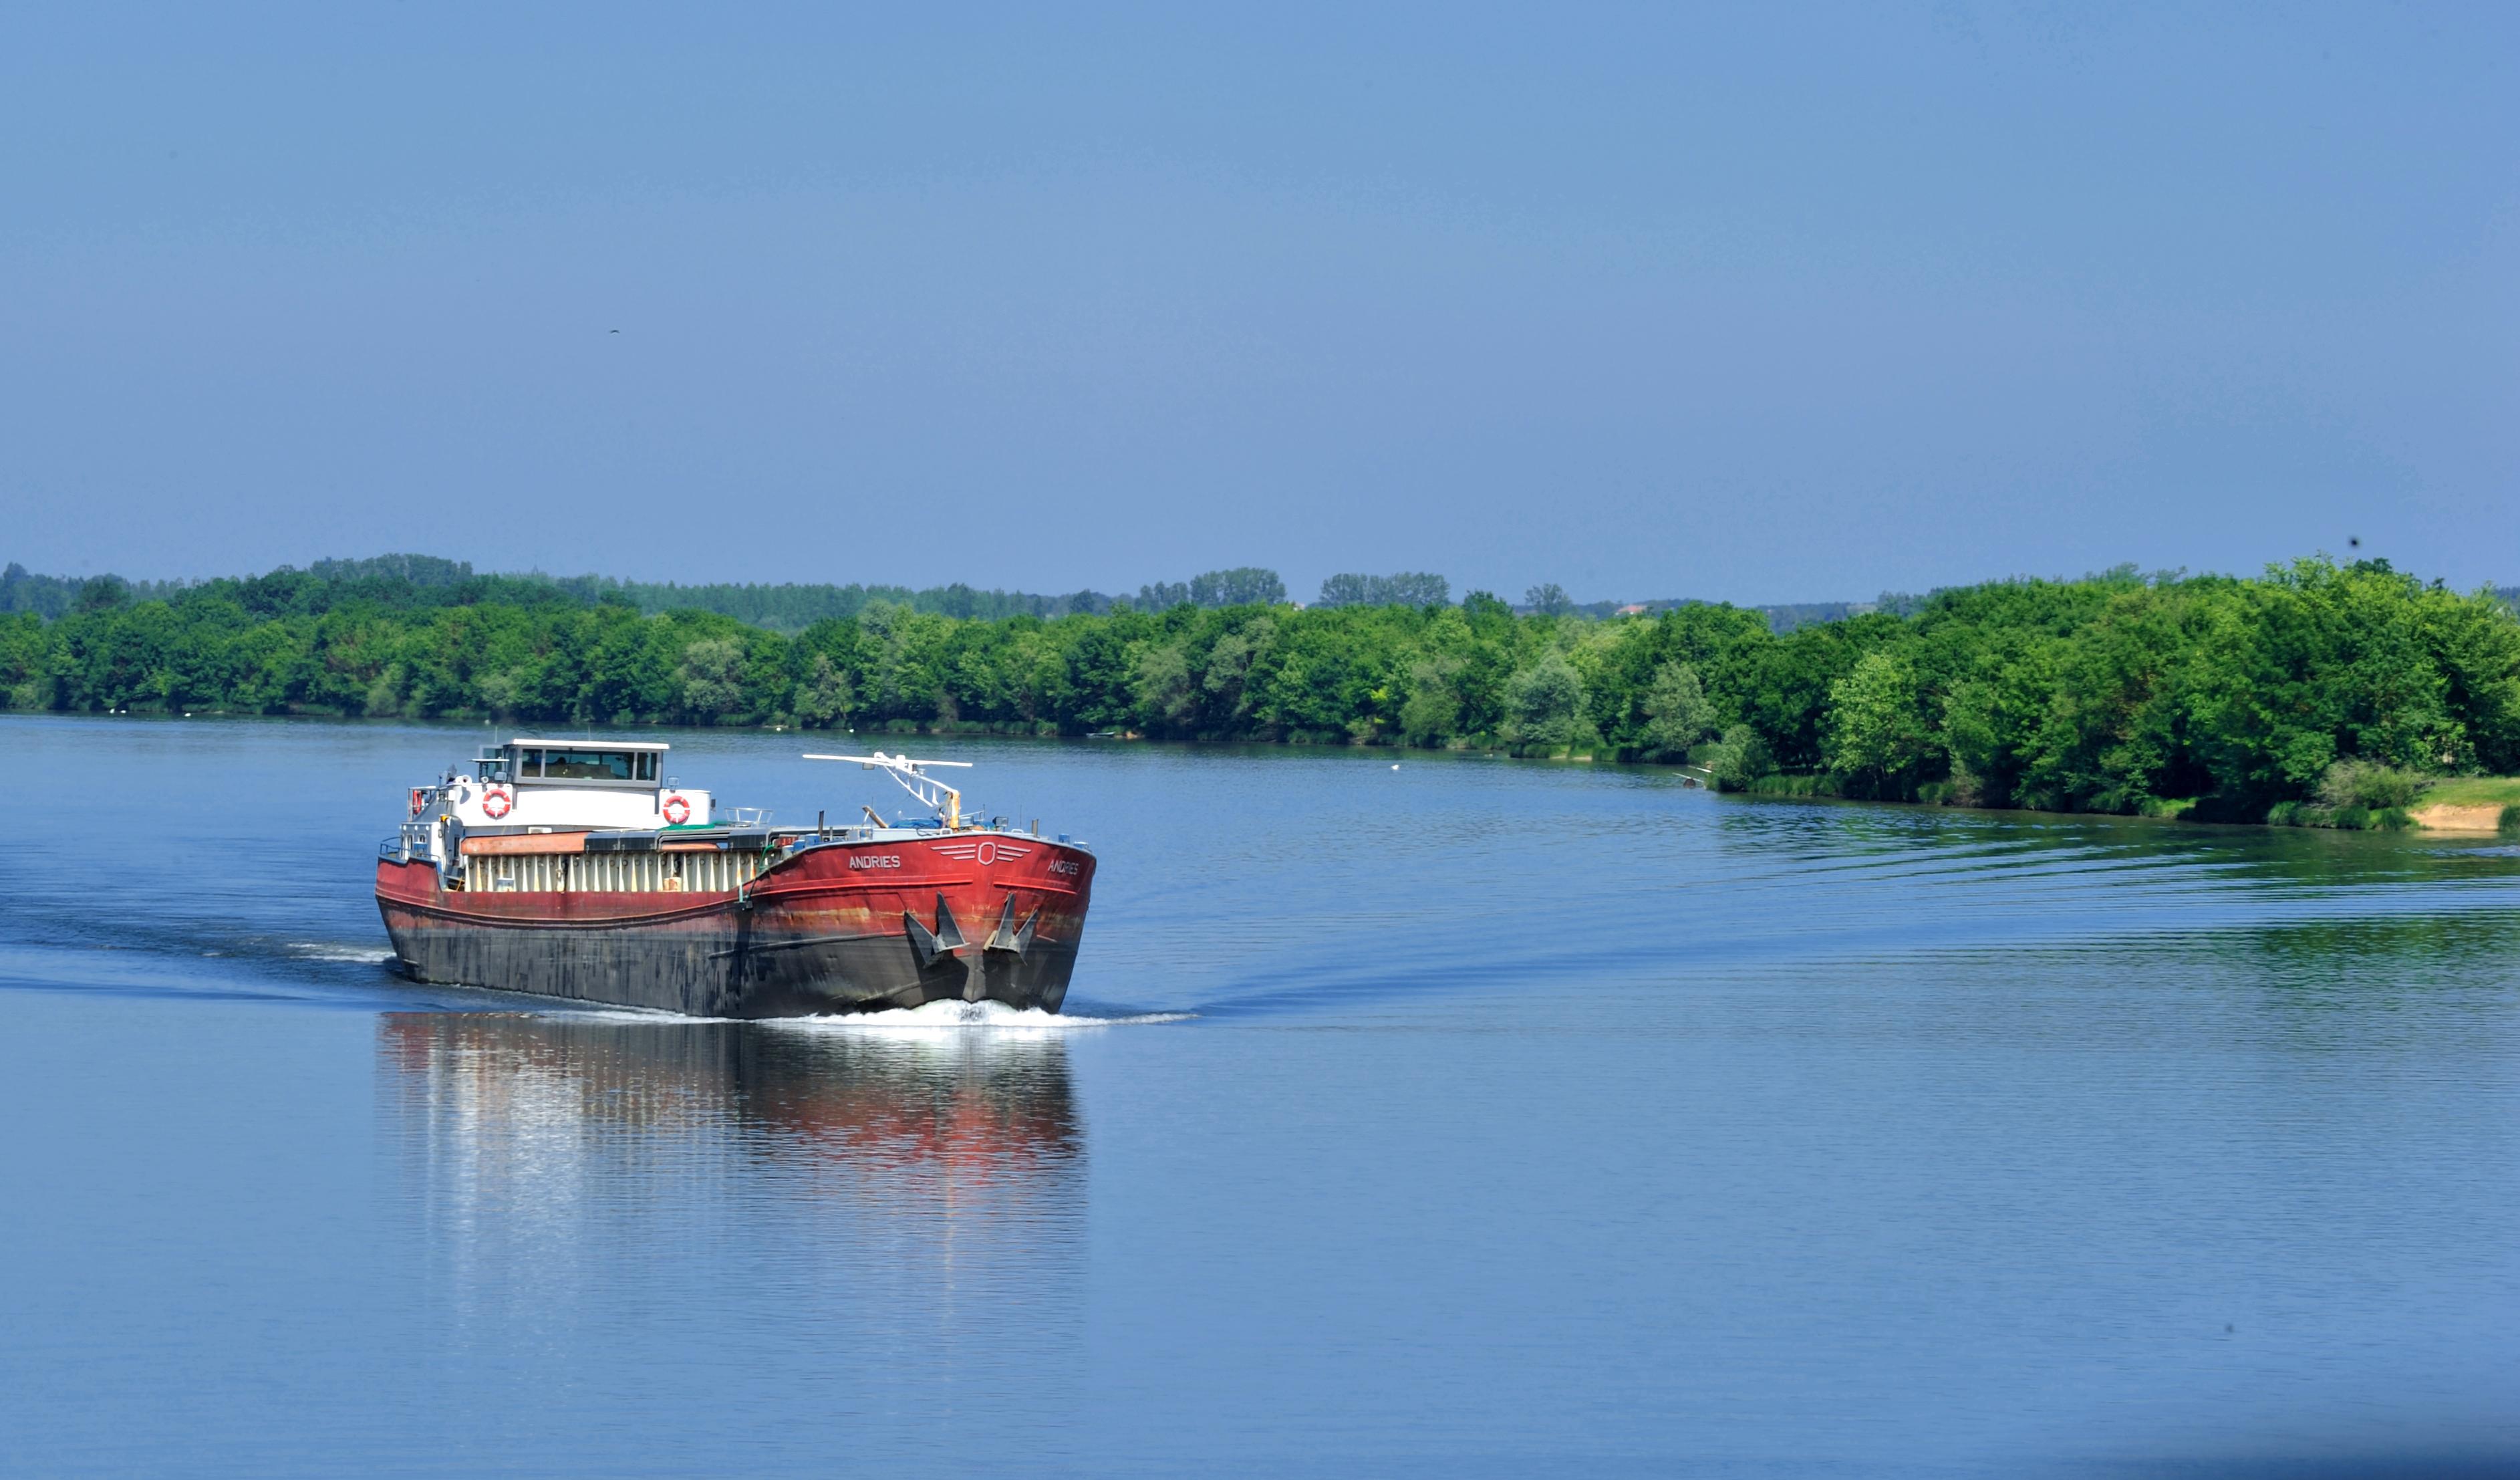 Péniche naviguant sur un fleuve